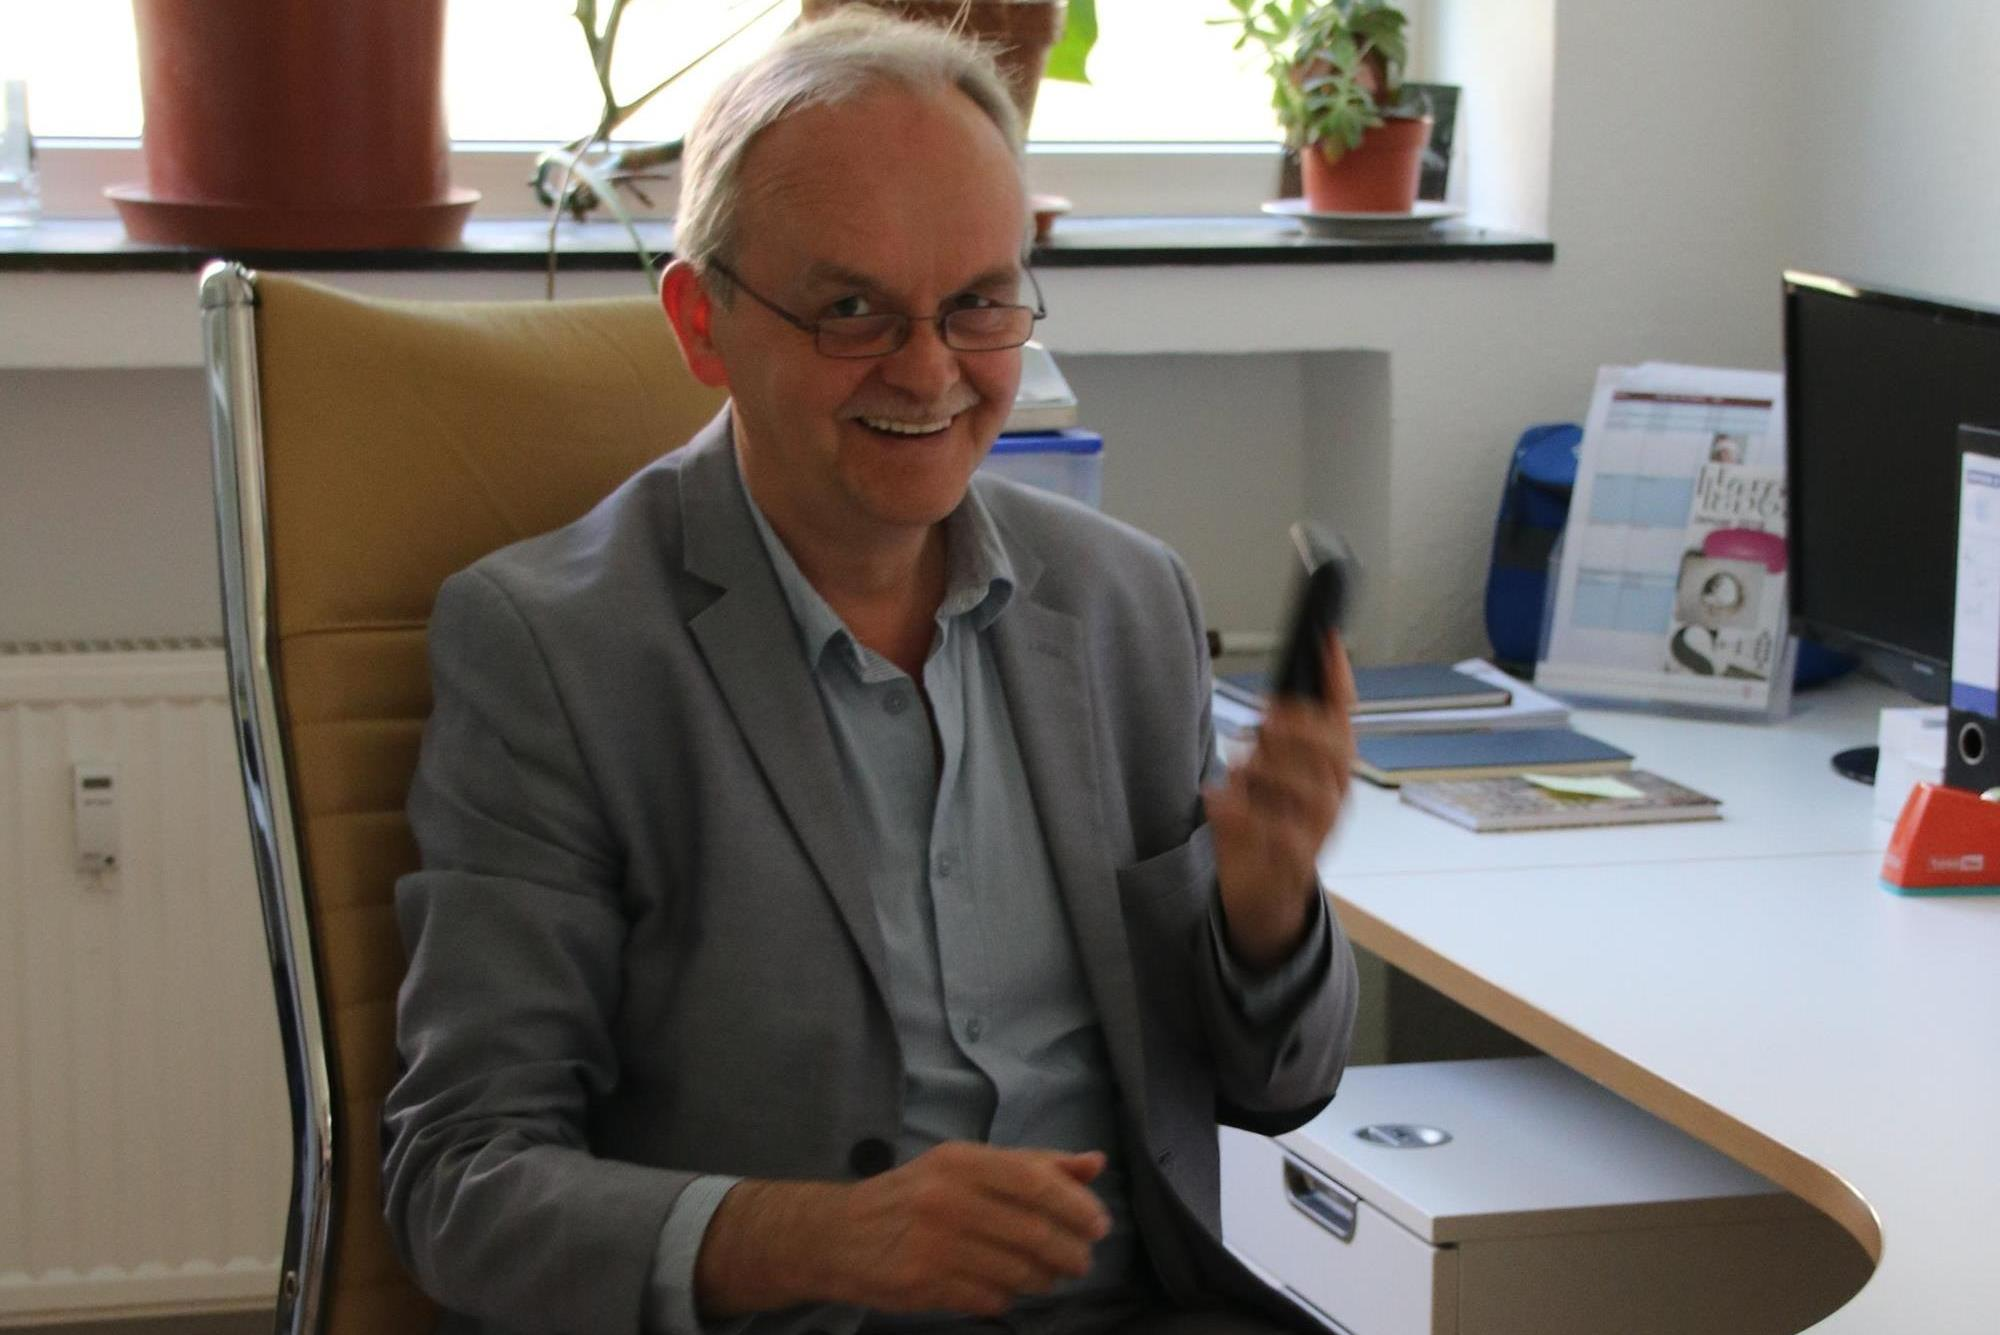 Vertriebschef Uwe Determann lachend mit Telefon in der Hand